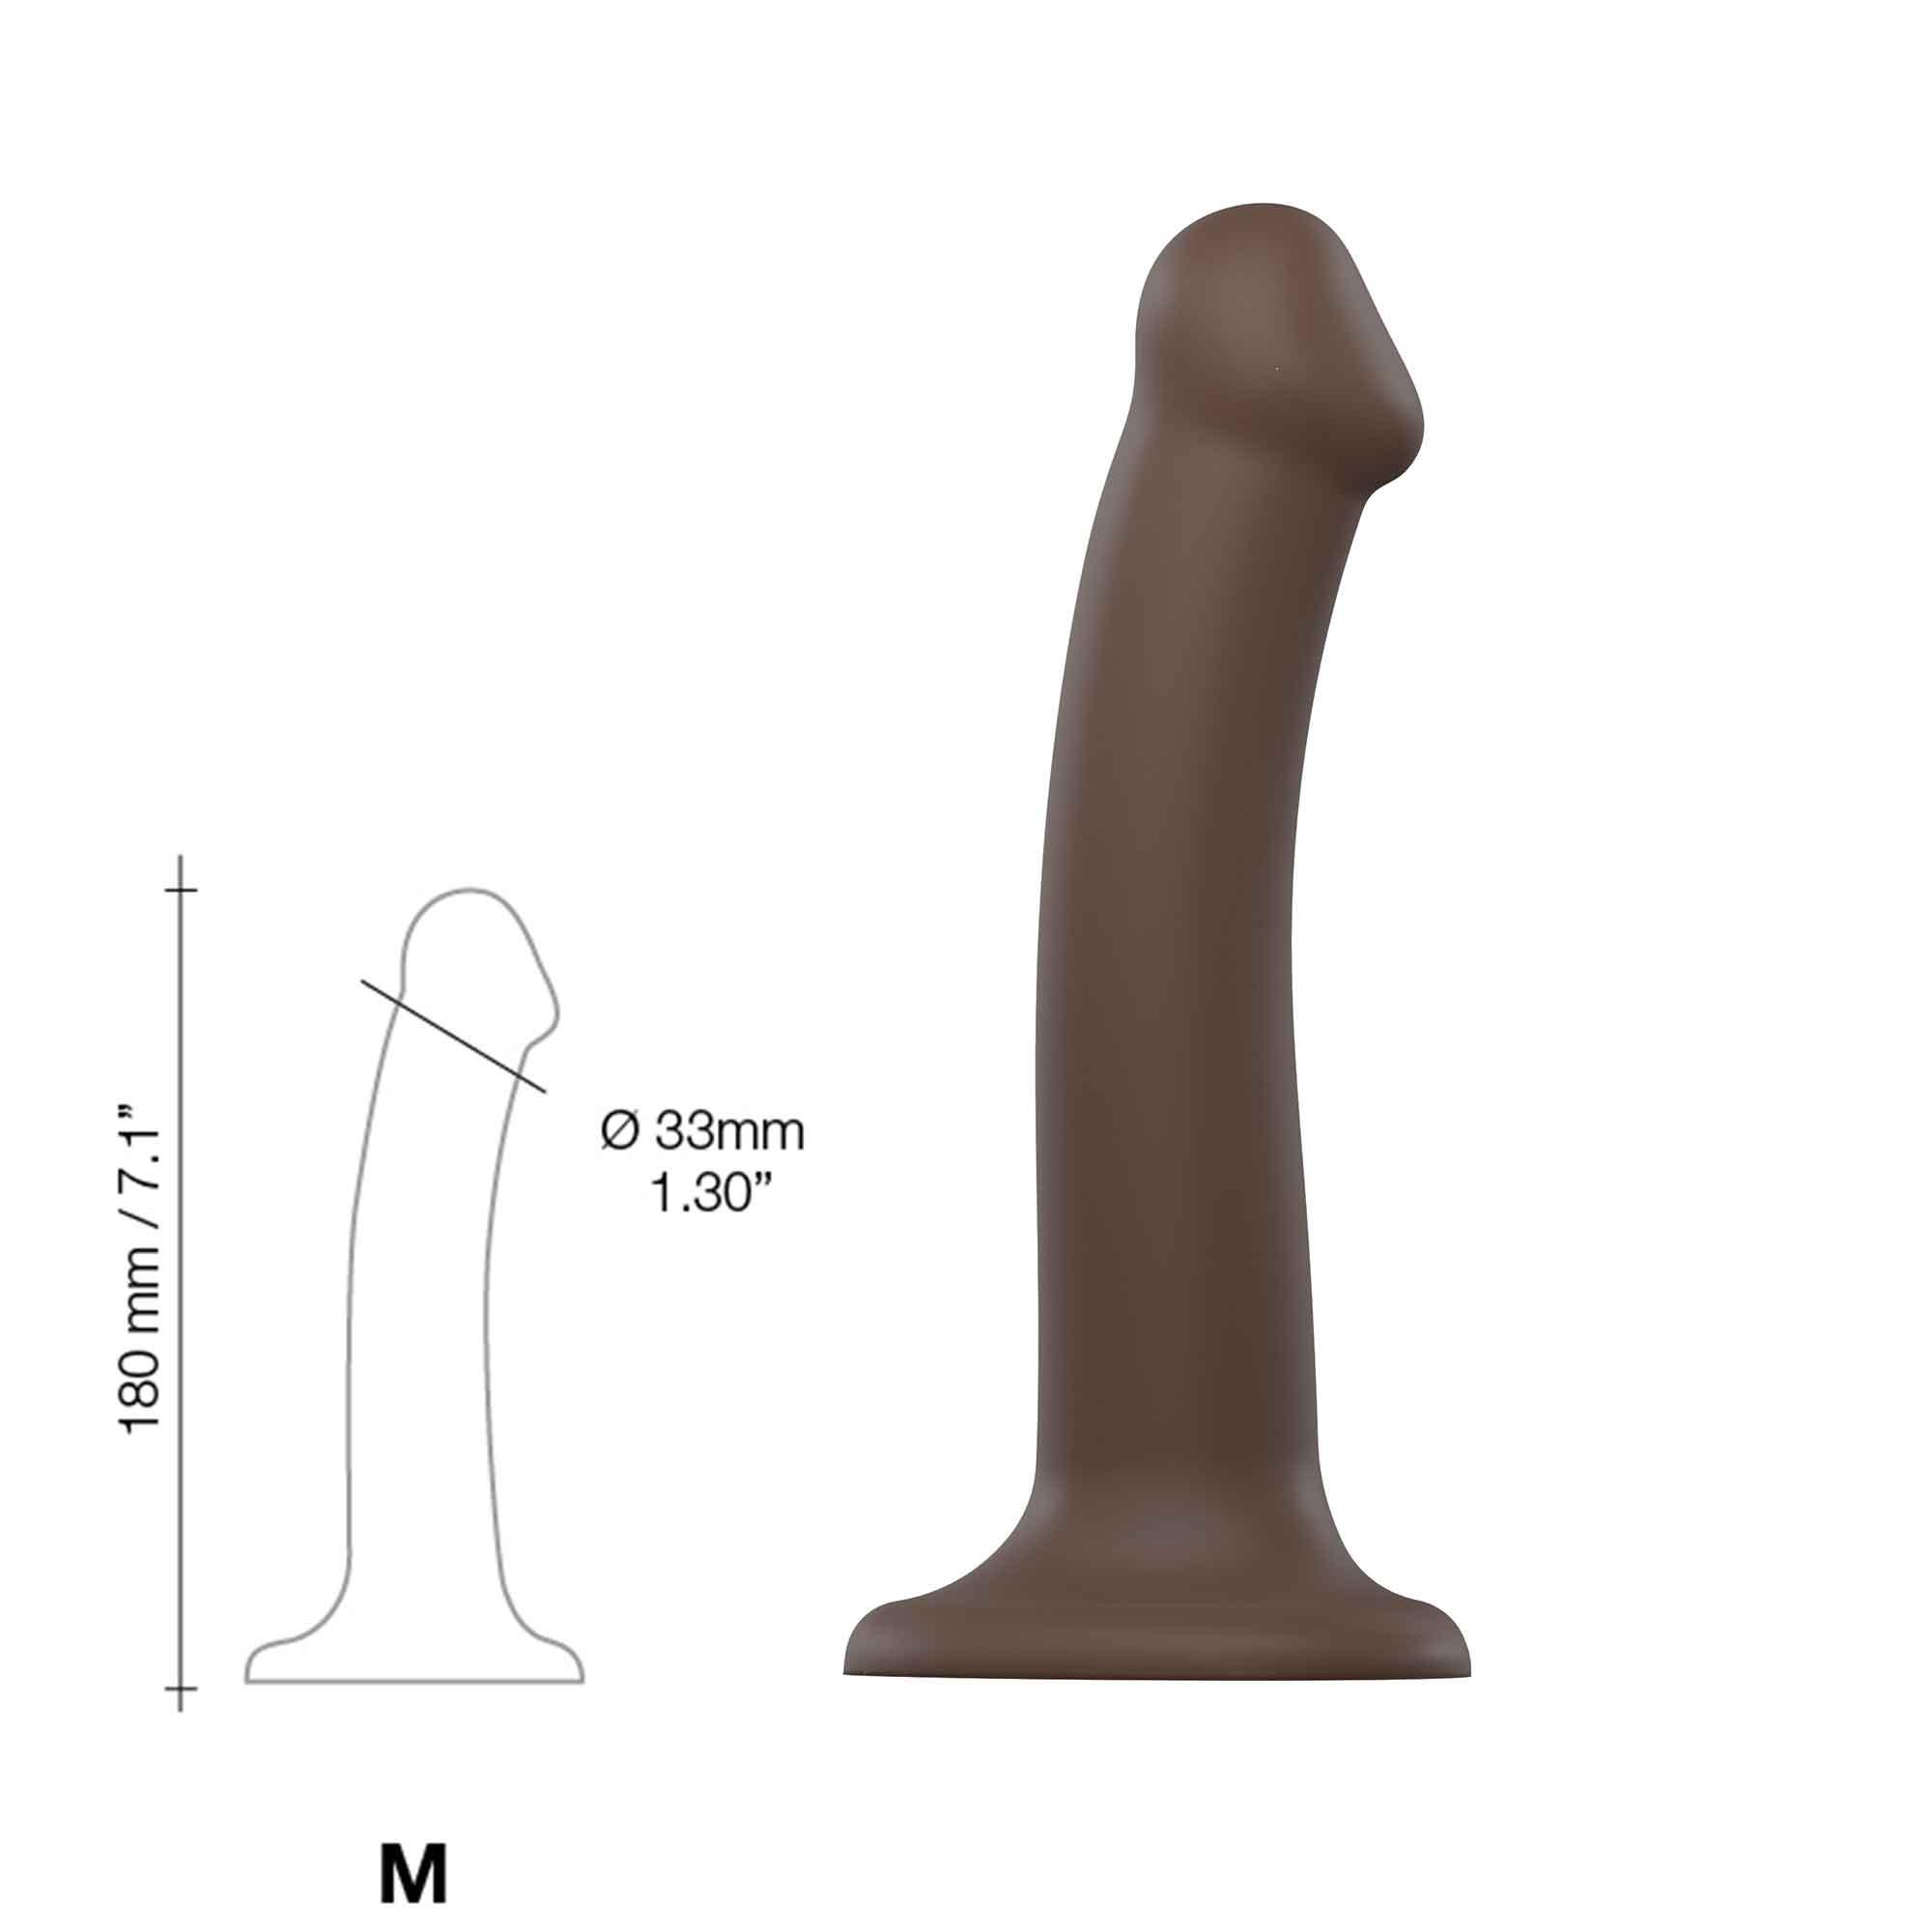 Böjbar Dildo Dual Density Medium - 18 cm   SEXLEKSAKER, MEST FÖR HENNE, Dildos & Dongar, Dildos med sugkopp, Realistiska Dildos   Intimast.se - Sexleksaker